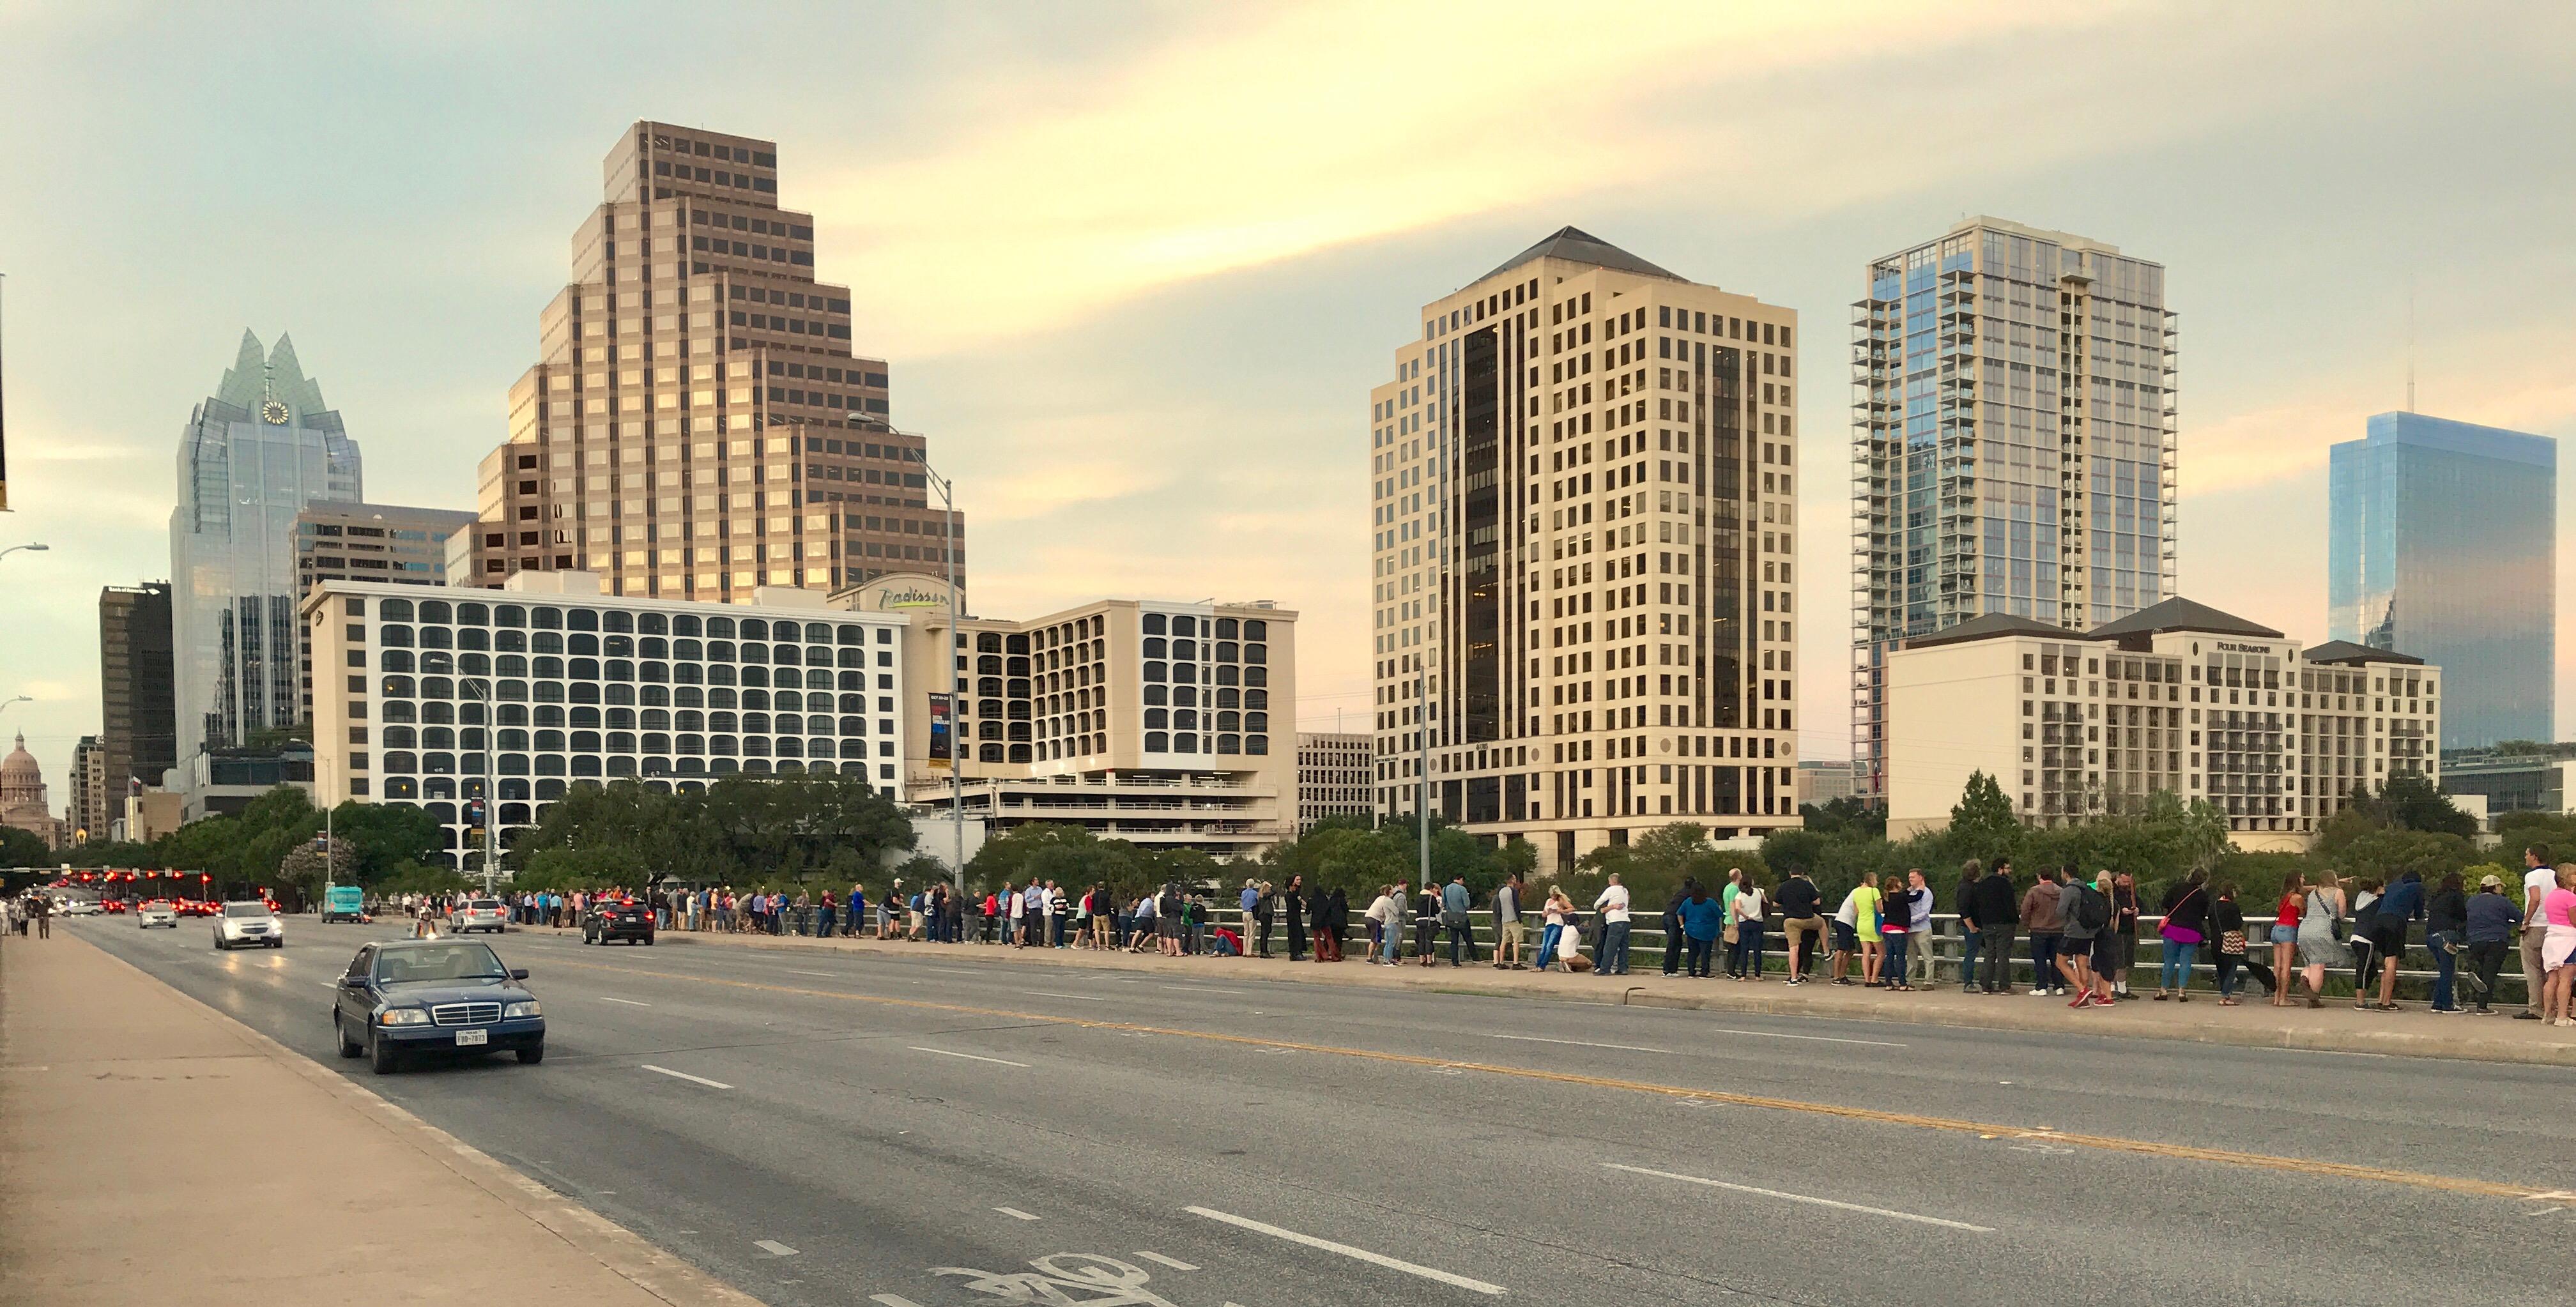 Photos of Austin, Texas - jcutrer.com